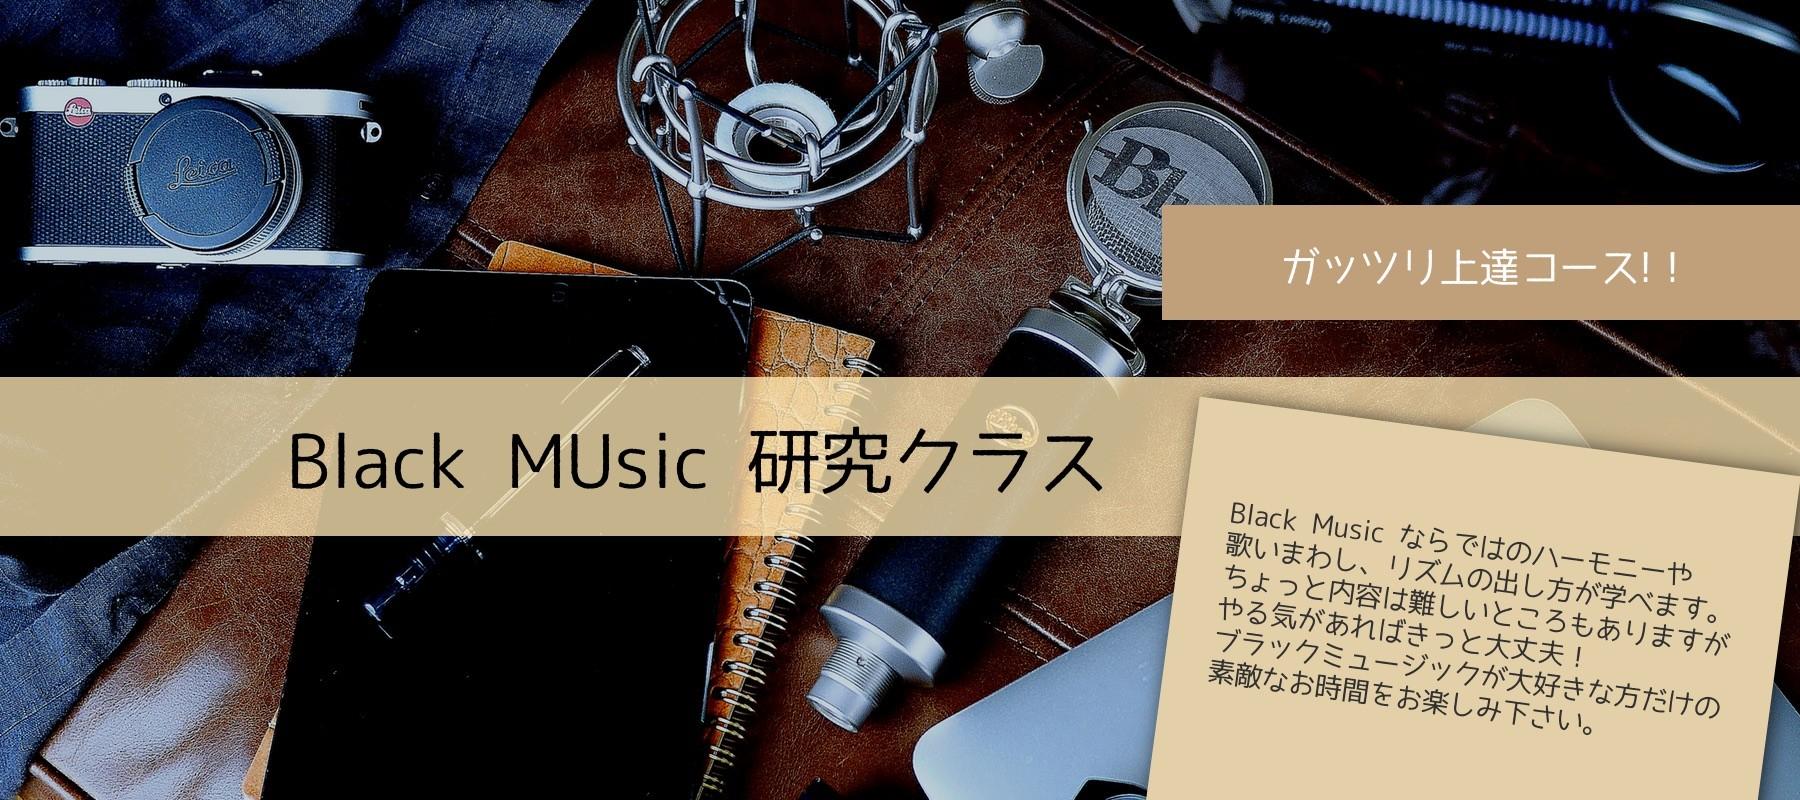 ブラックミュージック研究会